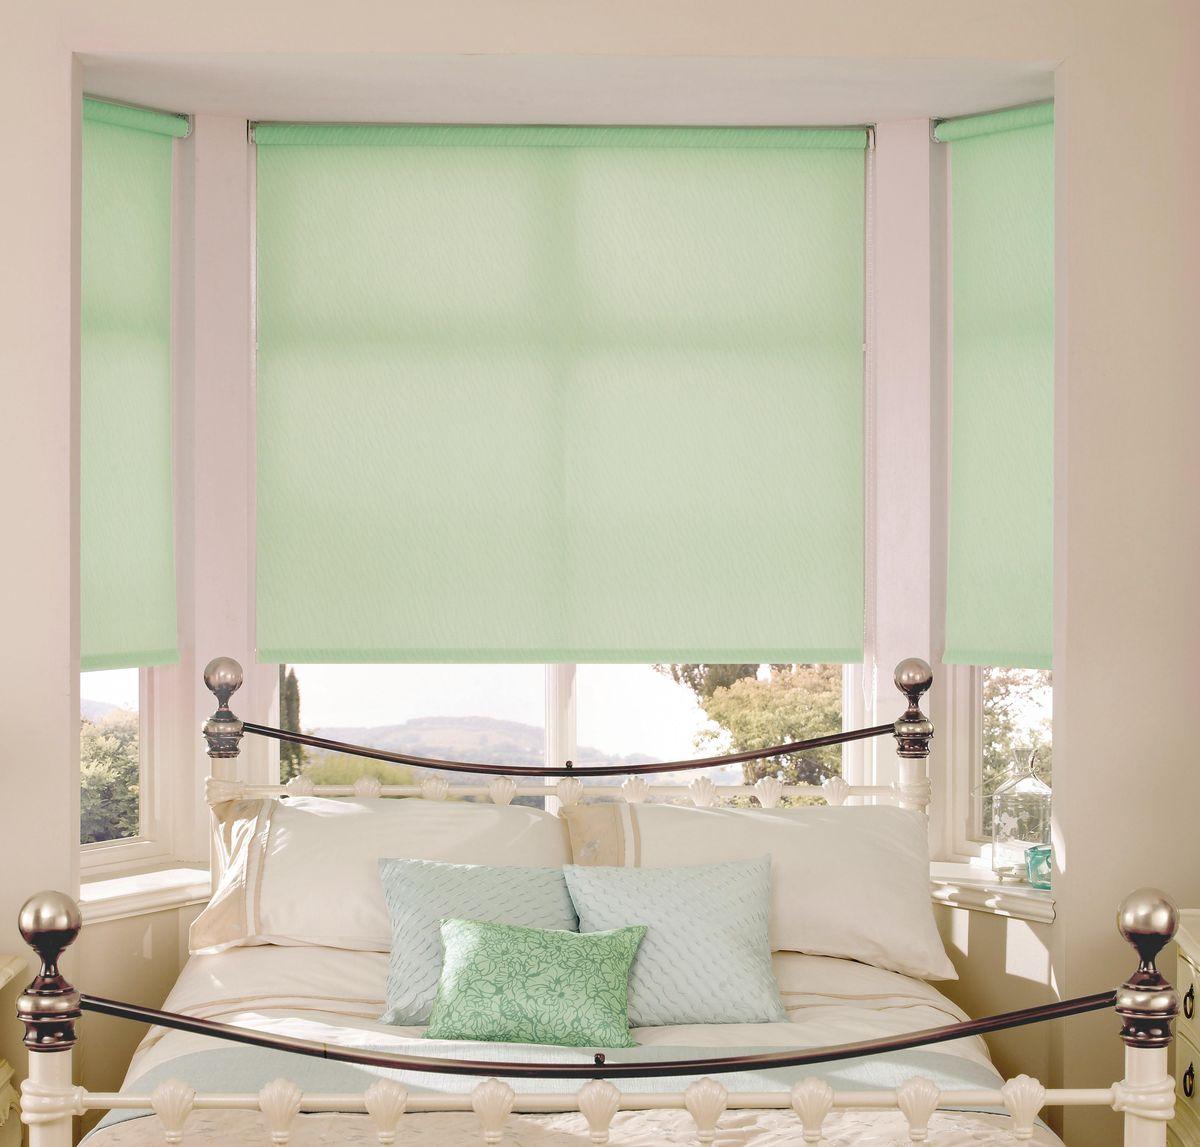 Штора рулонная Эскар, цвет: светло-зеленый, ширина 140 см, высота 170 см81017140170Рулонными шторами можно оформлять окна как самостоятельно, так и использовать в комбинации с портьерами. Это поможет предотвратить выгорание дорогой ткани на солнце и соединит функционал рулонных с красотой навесных. Преимущества применения рулонных штор для пластиковых окон: - имеют прекрасный внешний вид: многообразие и фактурность материала изделия отлично смотрятся в любом интерьере; - многофункциональны: есть возможность подобрать шторы способные эффективно защитить комнату от солнца, при этом она не будет слишком темной. - Есть возможность осуществить быстрый монтаж. ВНИМАНИЕ! Размеры ширины изделия указаны по ширине ткани! Во время эксплуатации не рекомендуется полностью разматывать рулон, чтобы не оторвать ткань от намоточного вала. В случае загрязнения поверхности ткани, чистку шторы проводят одним из способов, в зависимости от типа загрязнения: легкое поверхностное загрязнение можно удалить при помощи канцелярского ластика; чистка от пыли производится сухим методом при...